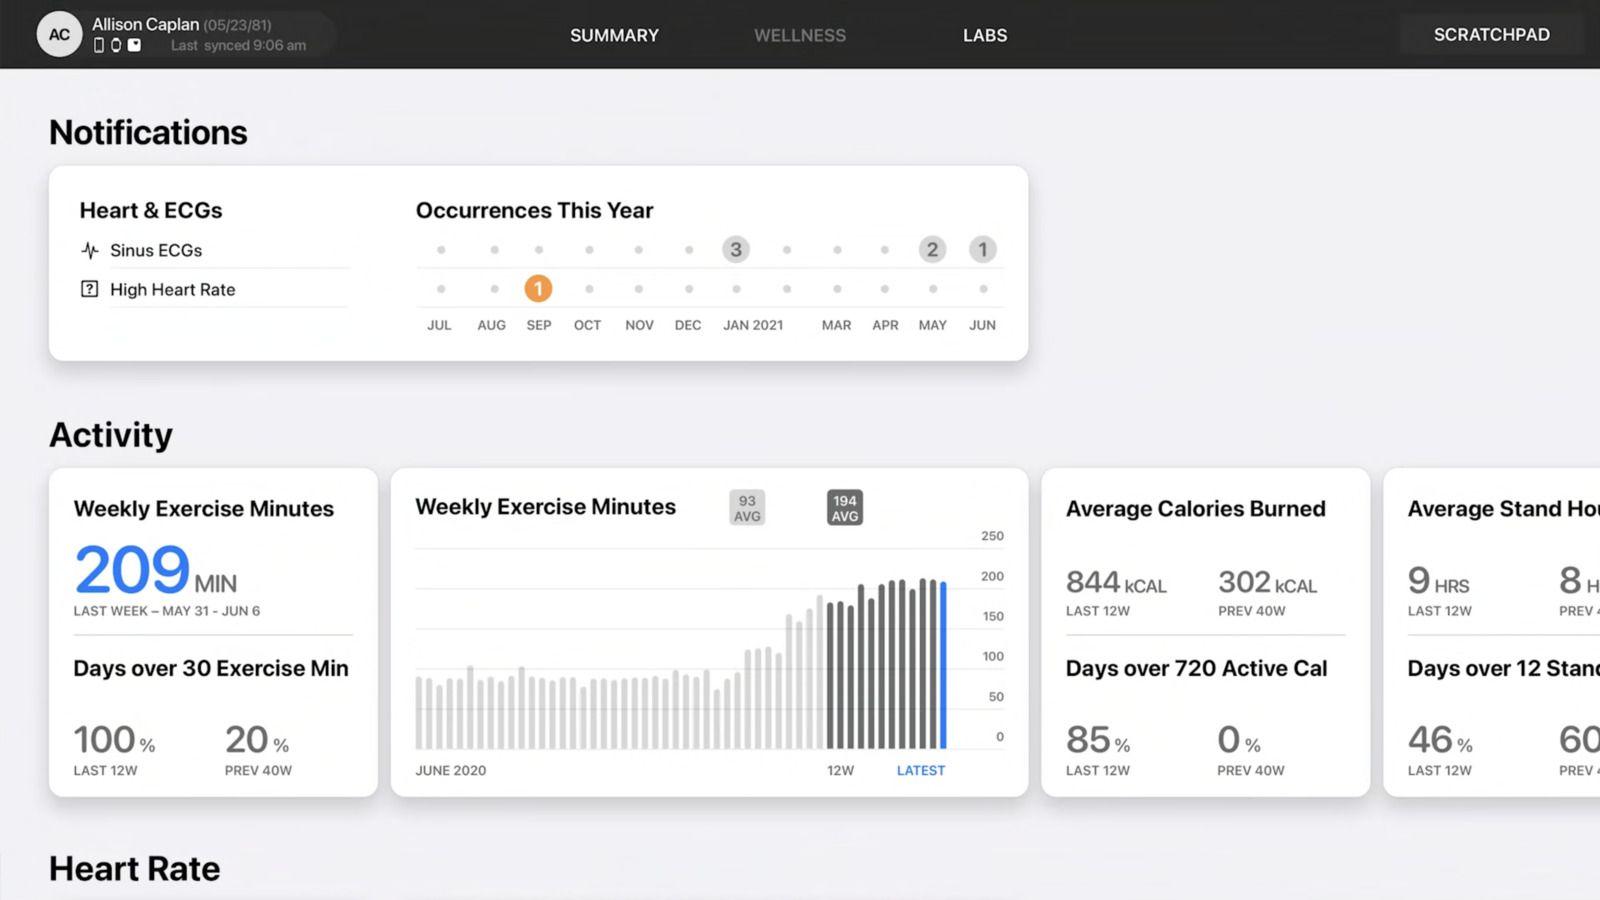 اپل از قابلیت هایی مانند (Walking Steadiness)،(Trends)، (Lab results) و به اشتراک گذاری وضعیت سلامتی رونمایی کرد